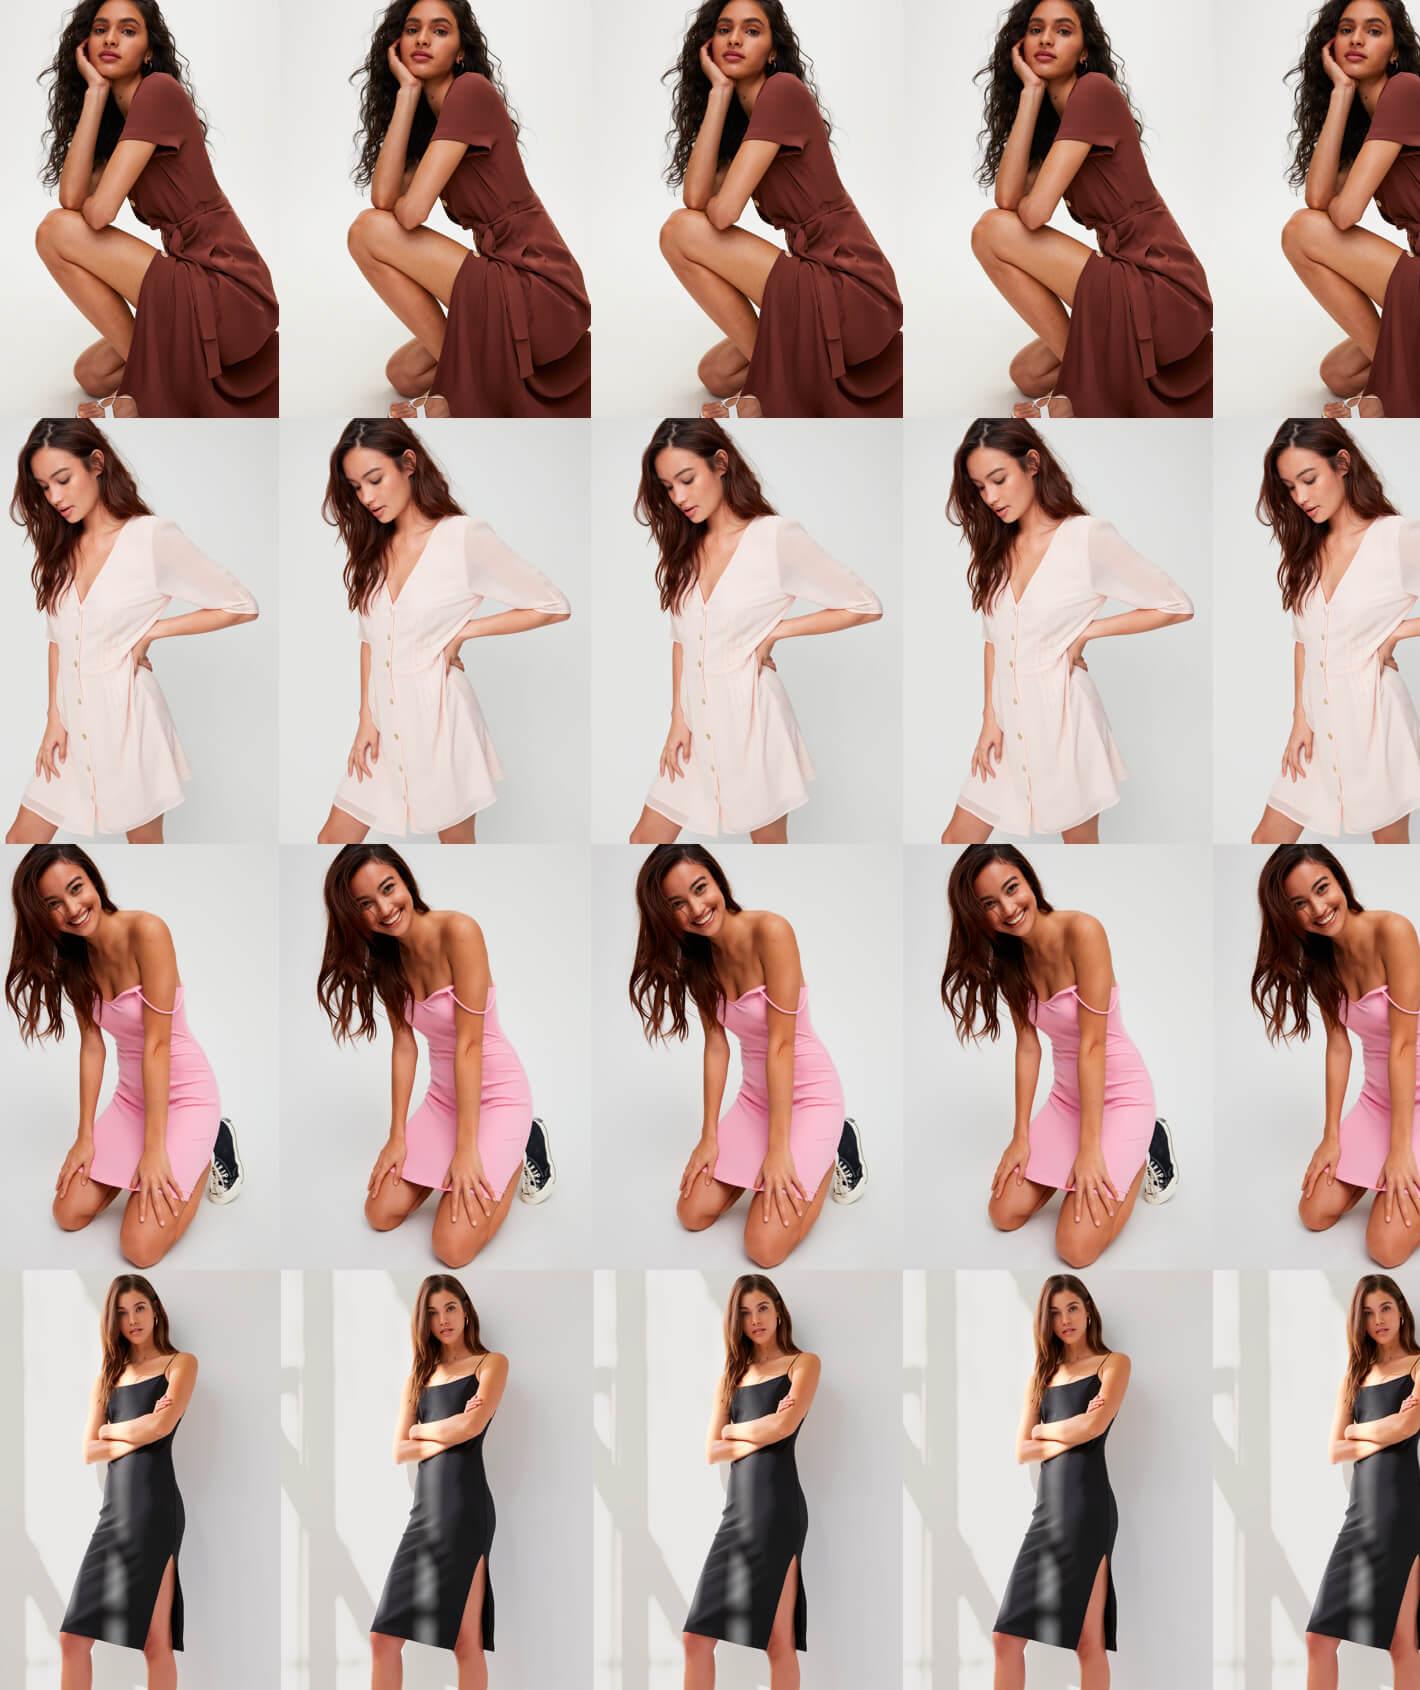 a8cadc24c88d Women's Fashion Boutique | Aritzia US